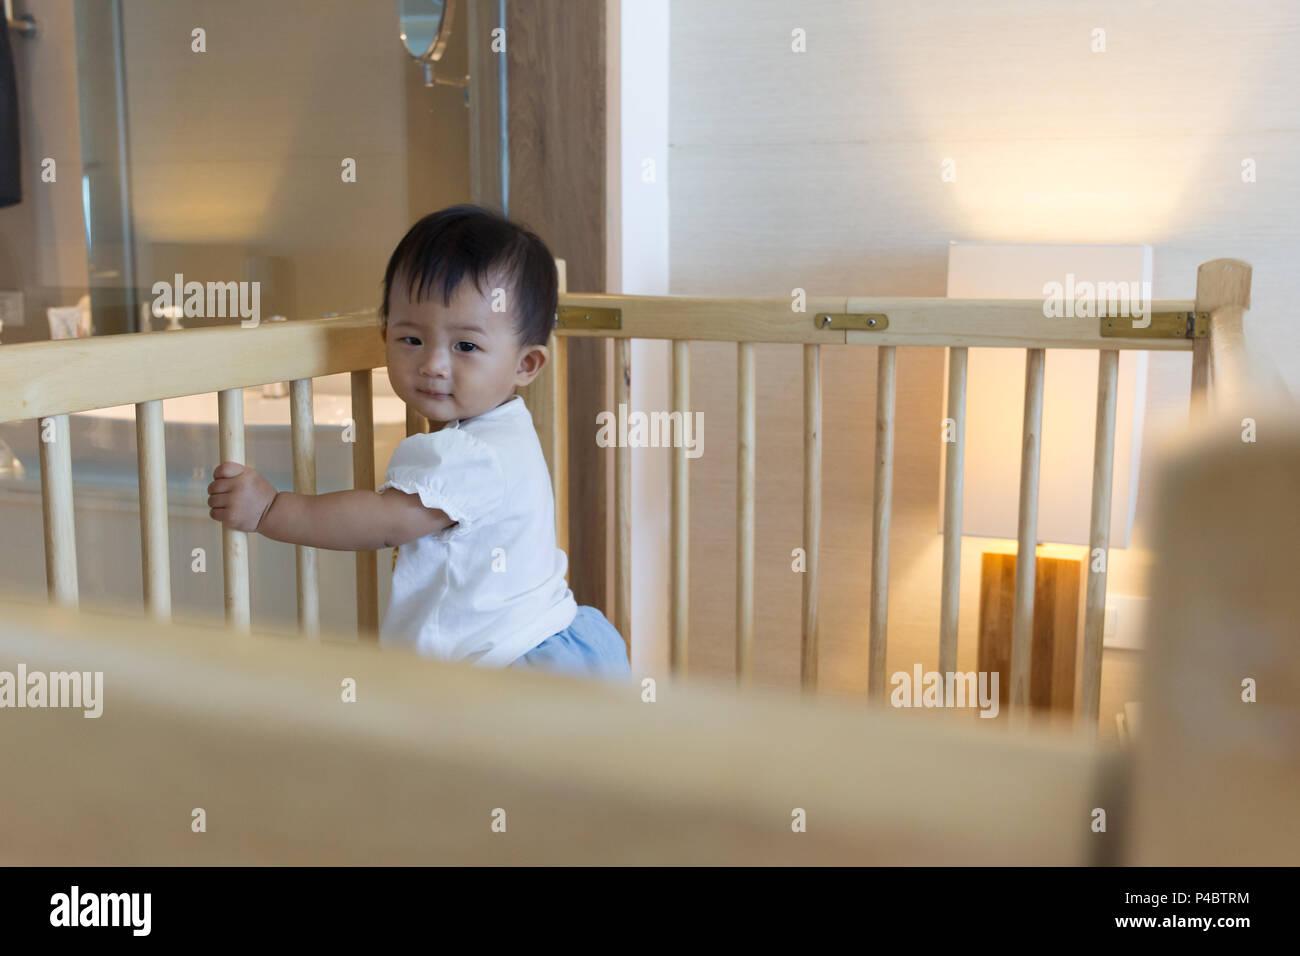 Letti Di Lusso Per Bambini : Asian carino il bambino in piedi sulla culla per bambini nel letto